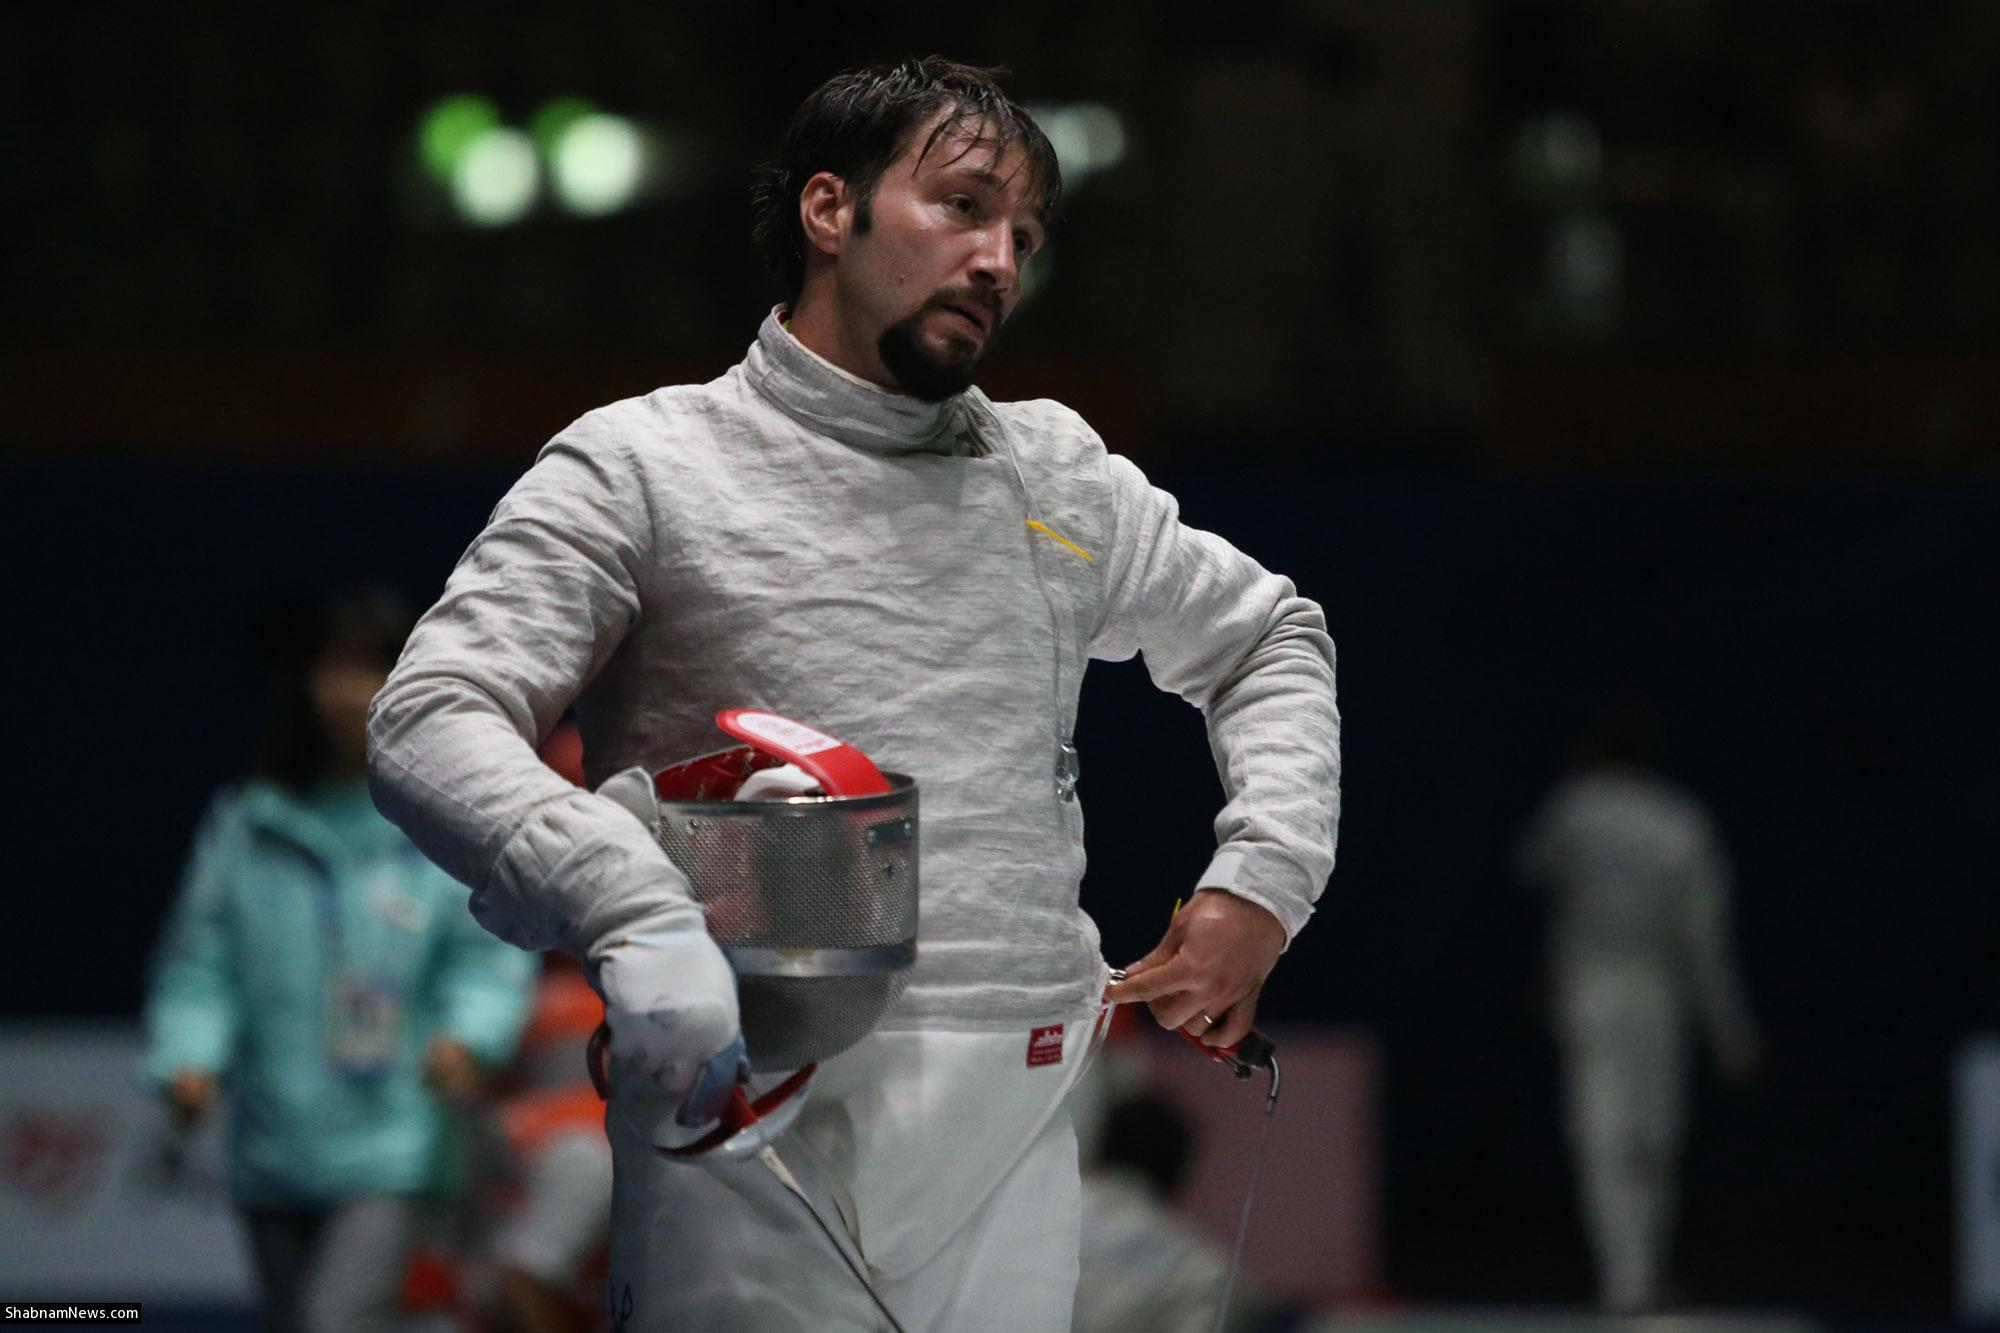 مجتبی عابدینی: هدفم کسب مدال طلای بازی های آسیایی جاکارتا است